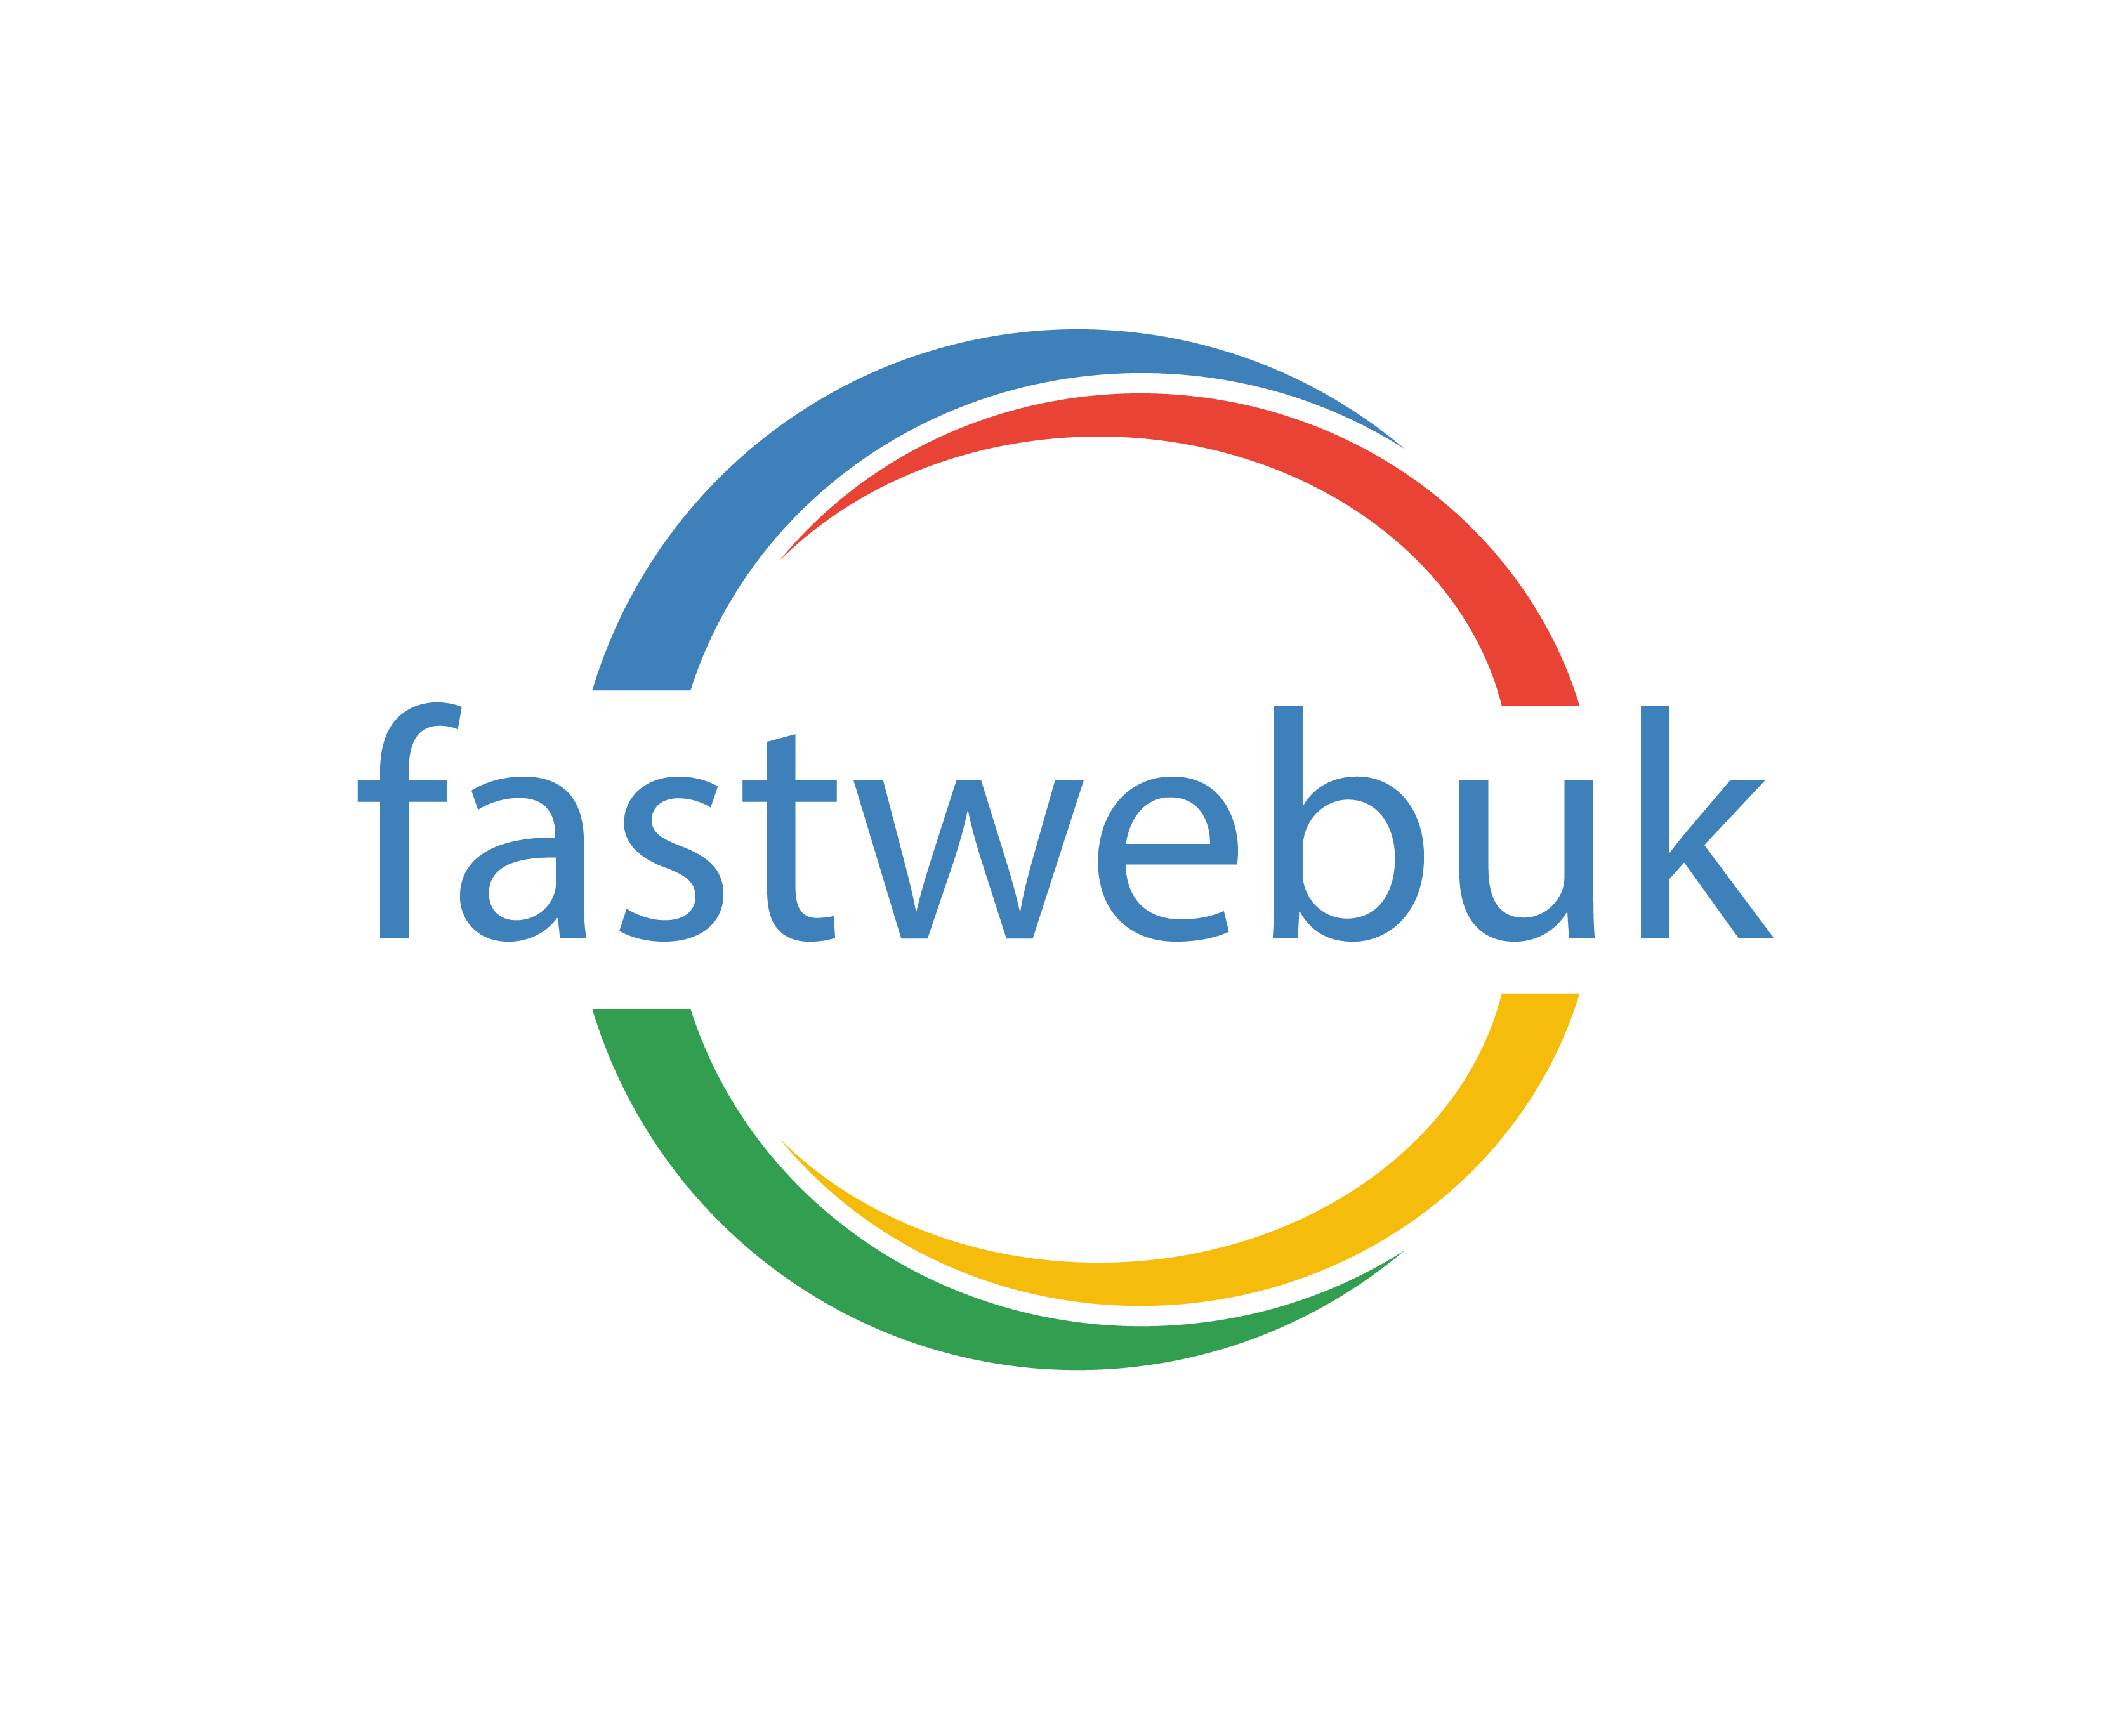 fast web uk